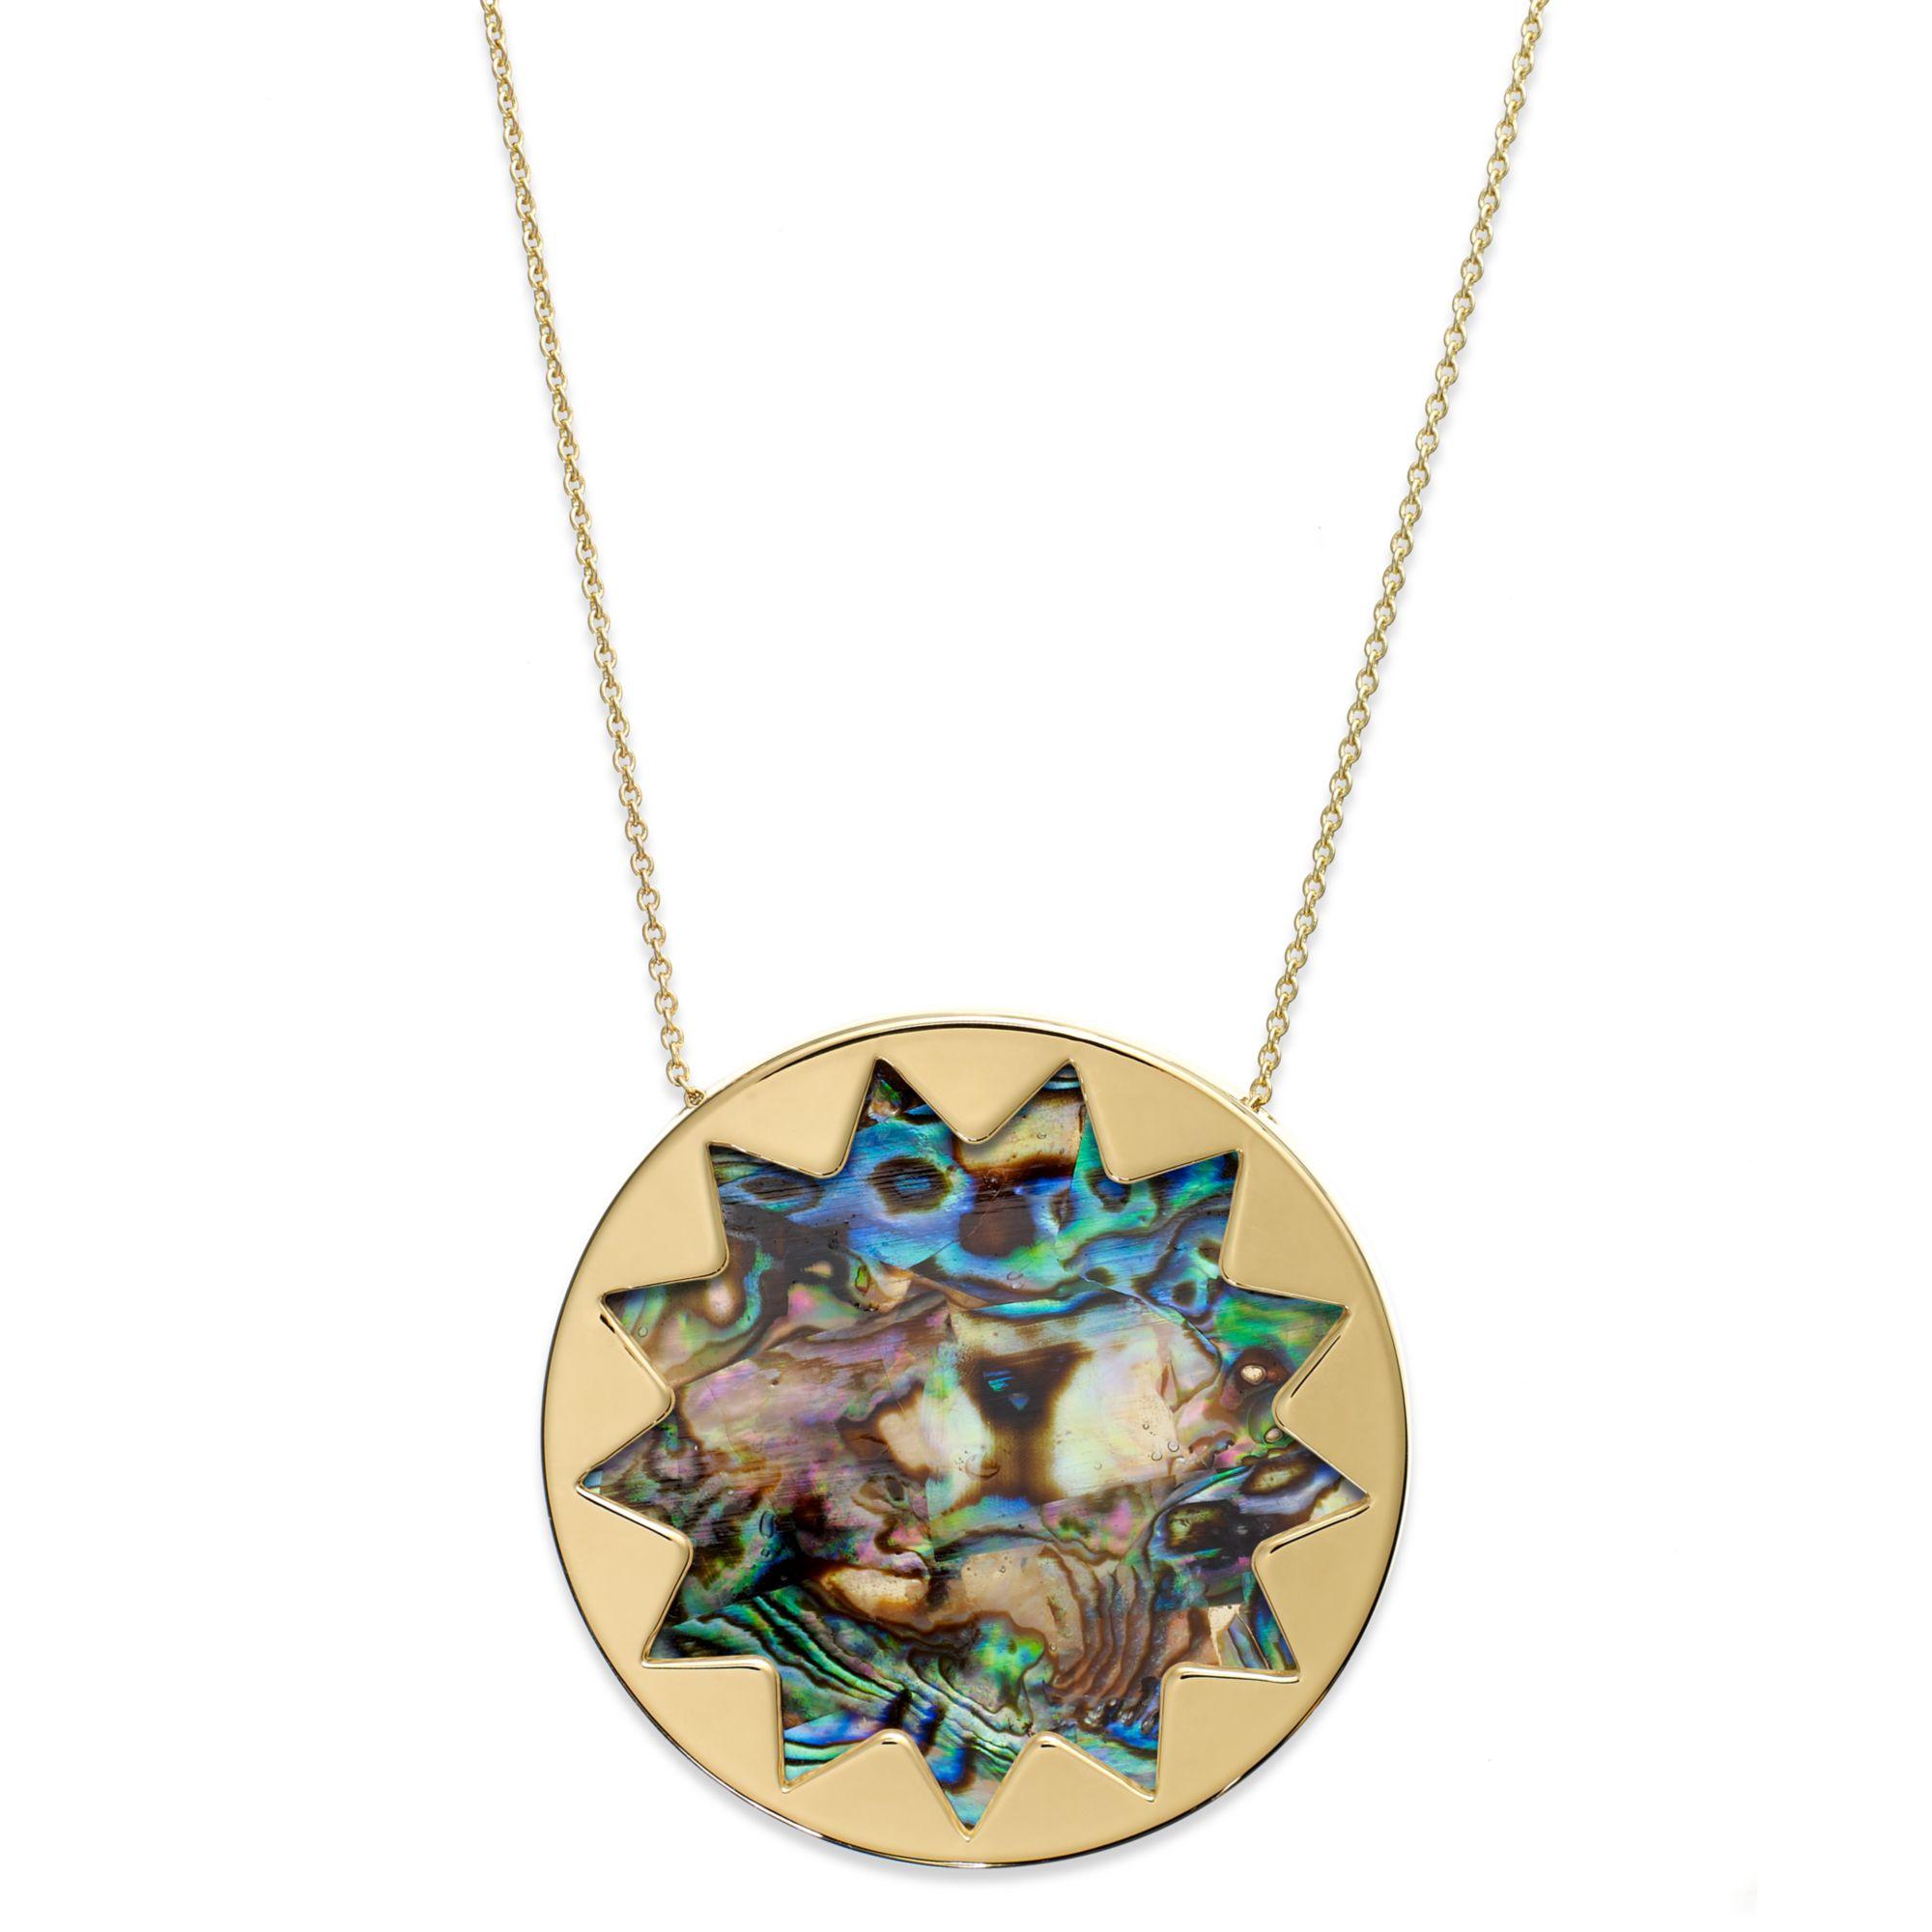 house of harlow gold tone abalone stone sunburst pendant